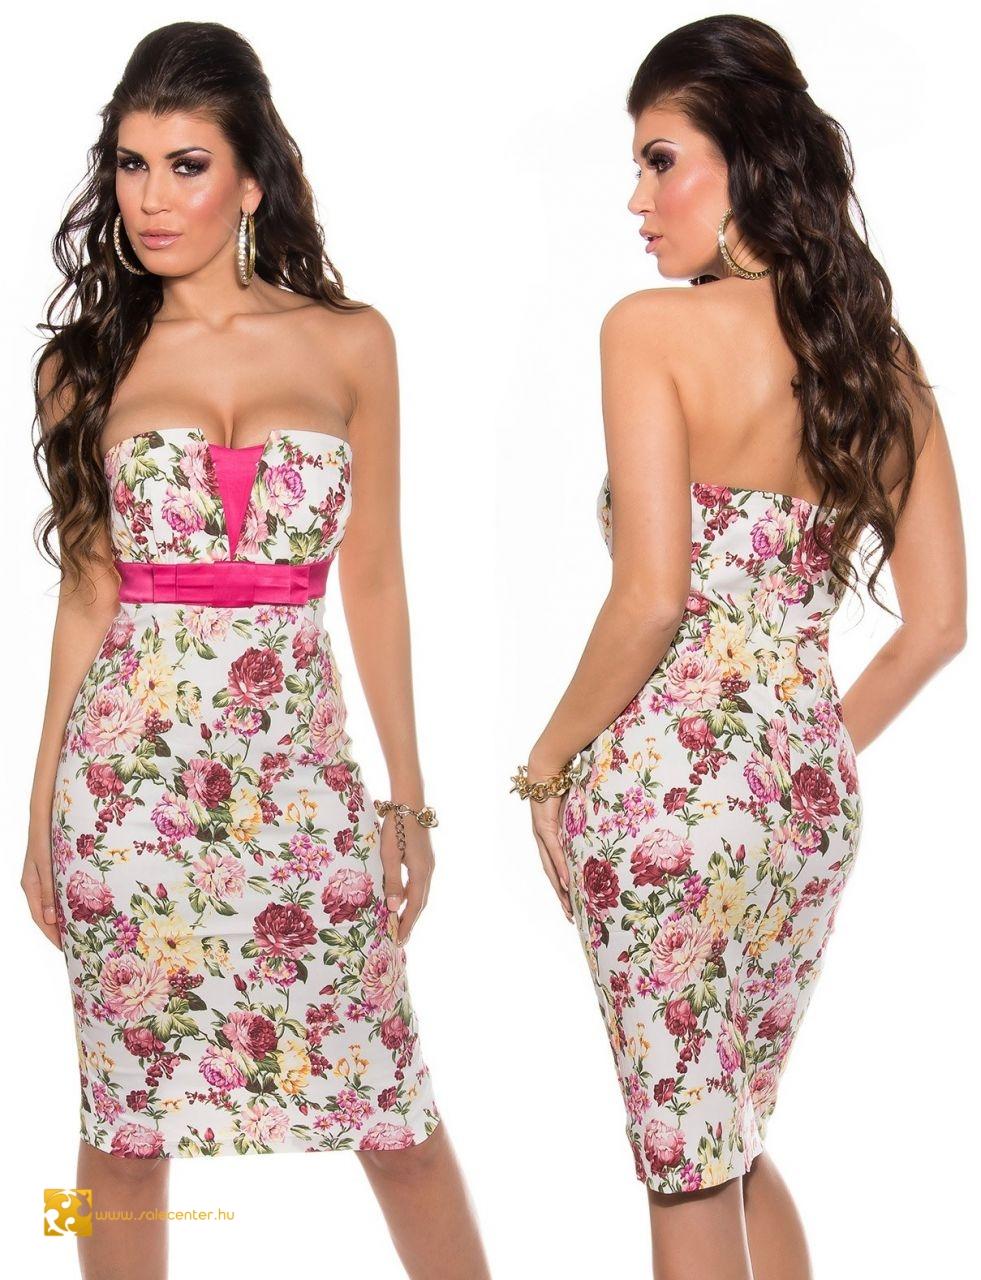 ee07de411e virág mintás ruha, virágos ruha, virágos alkalmi ruha ruha virág ...